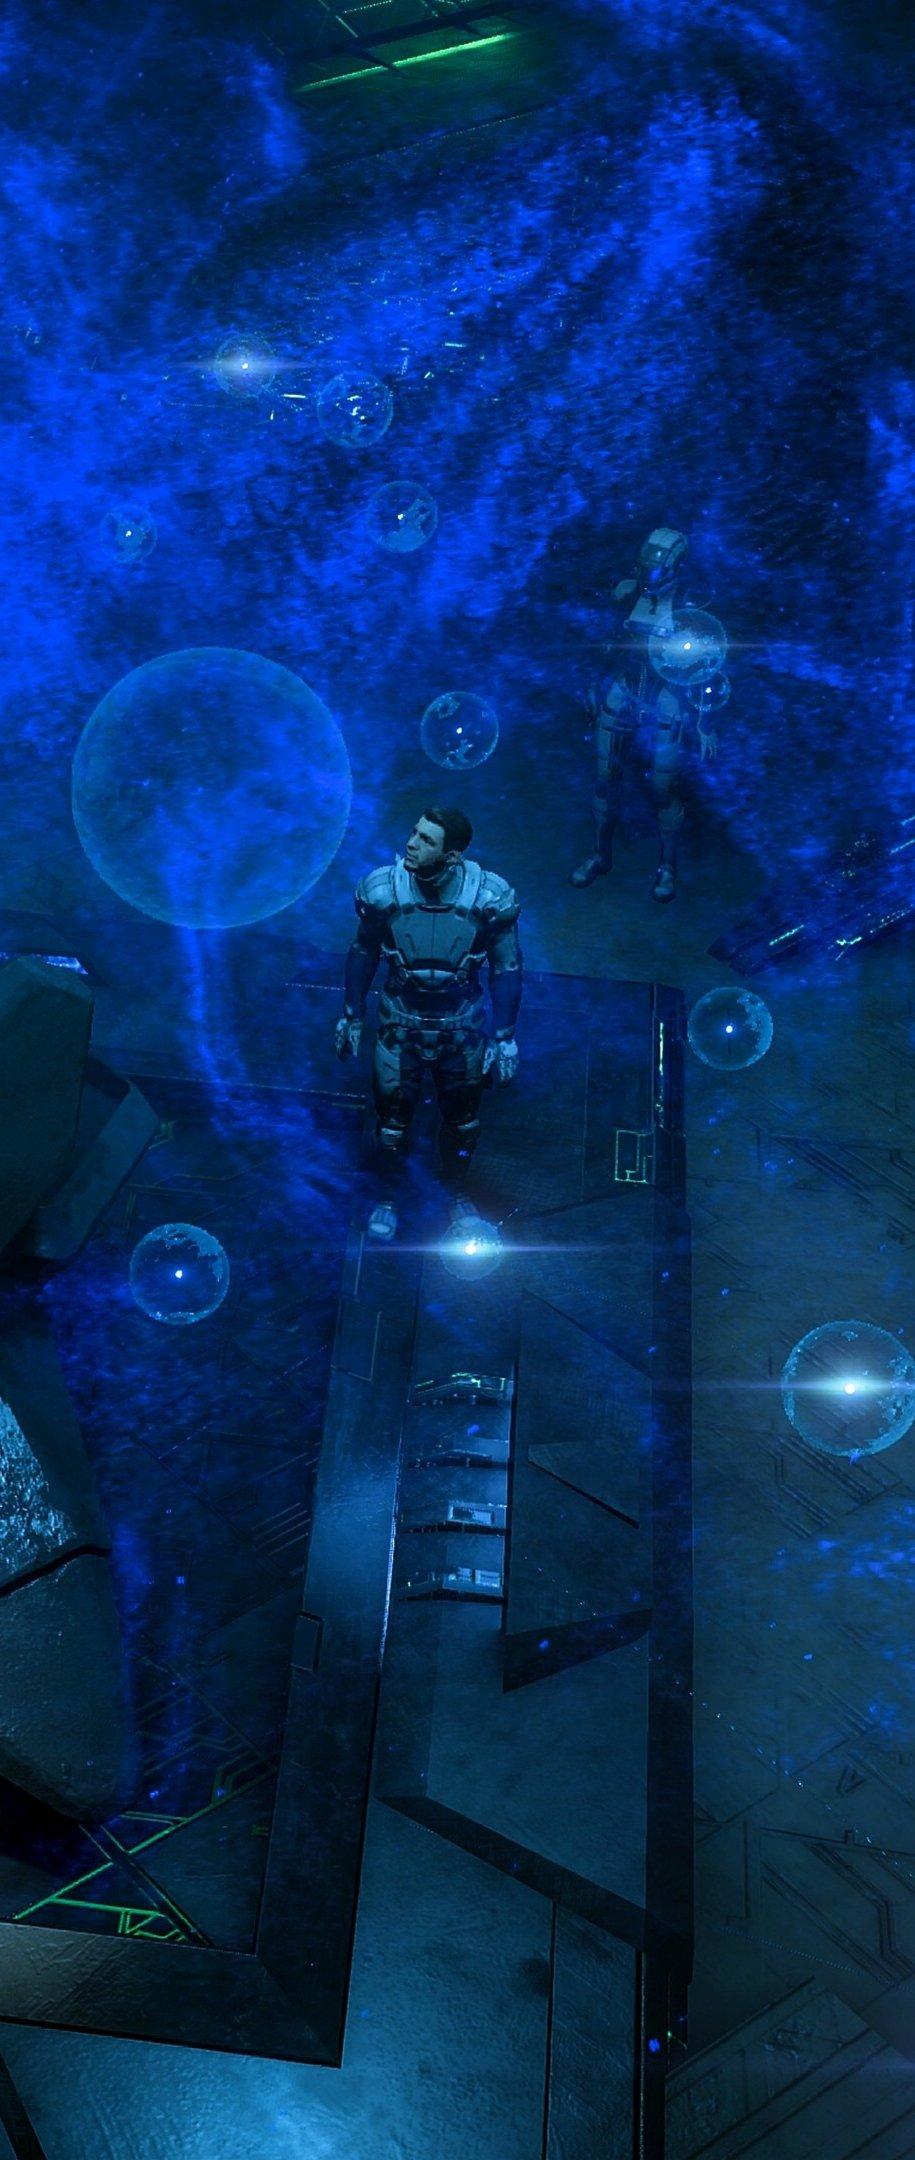 Круглый стол. Зачто мылюбим иненавидим Mass Effect: Andromeda. - Изображение 4